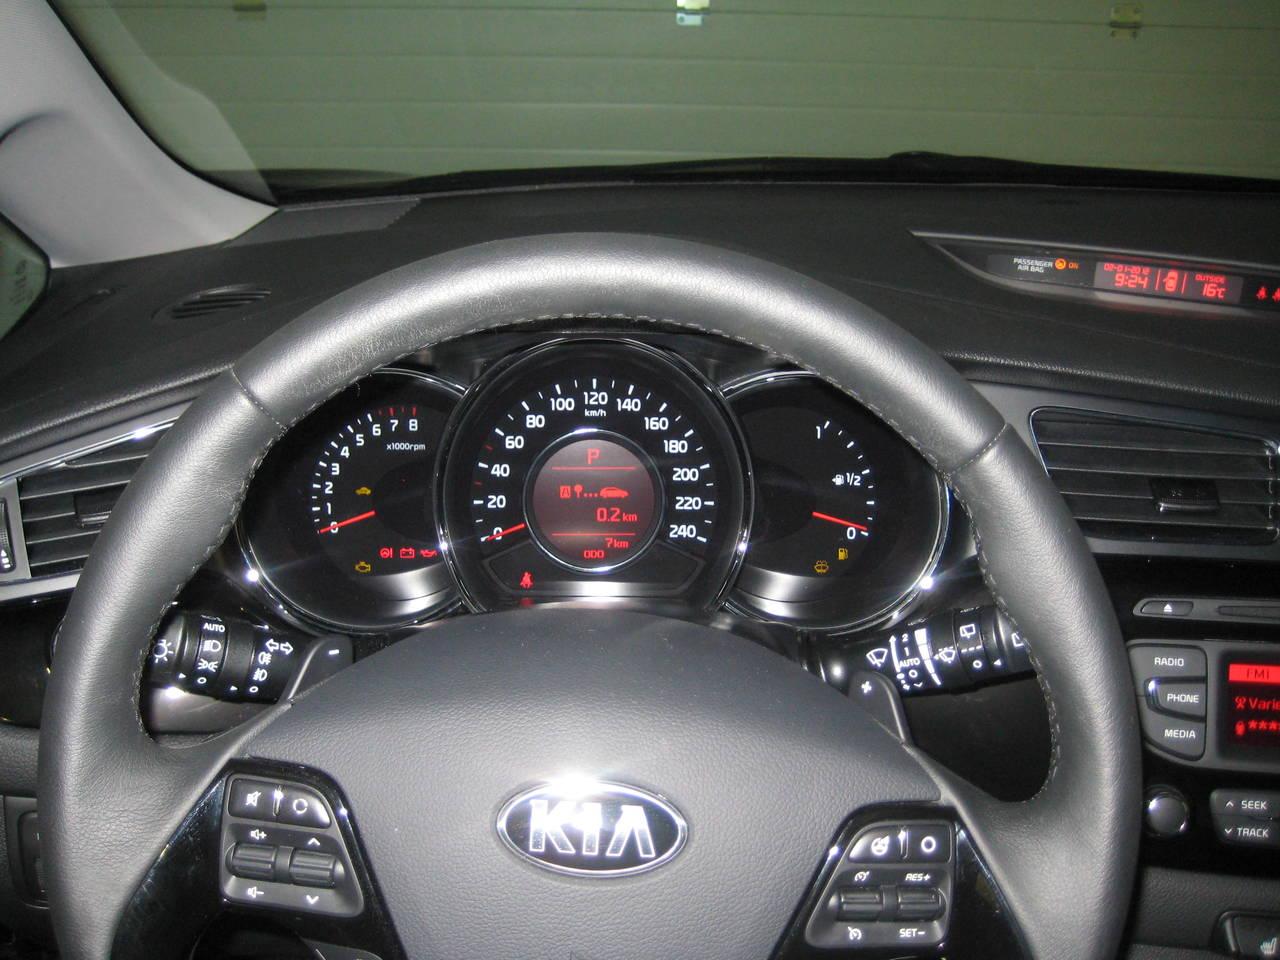 киа сид 2008 двигатель 1.6 работает как дизель